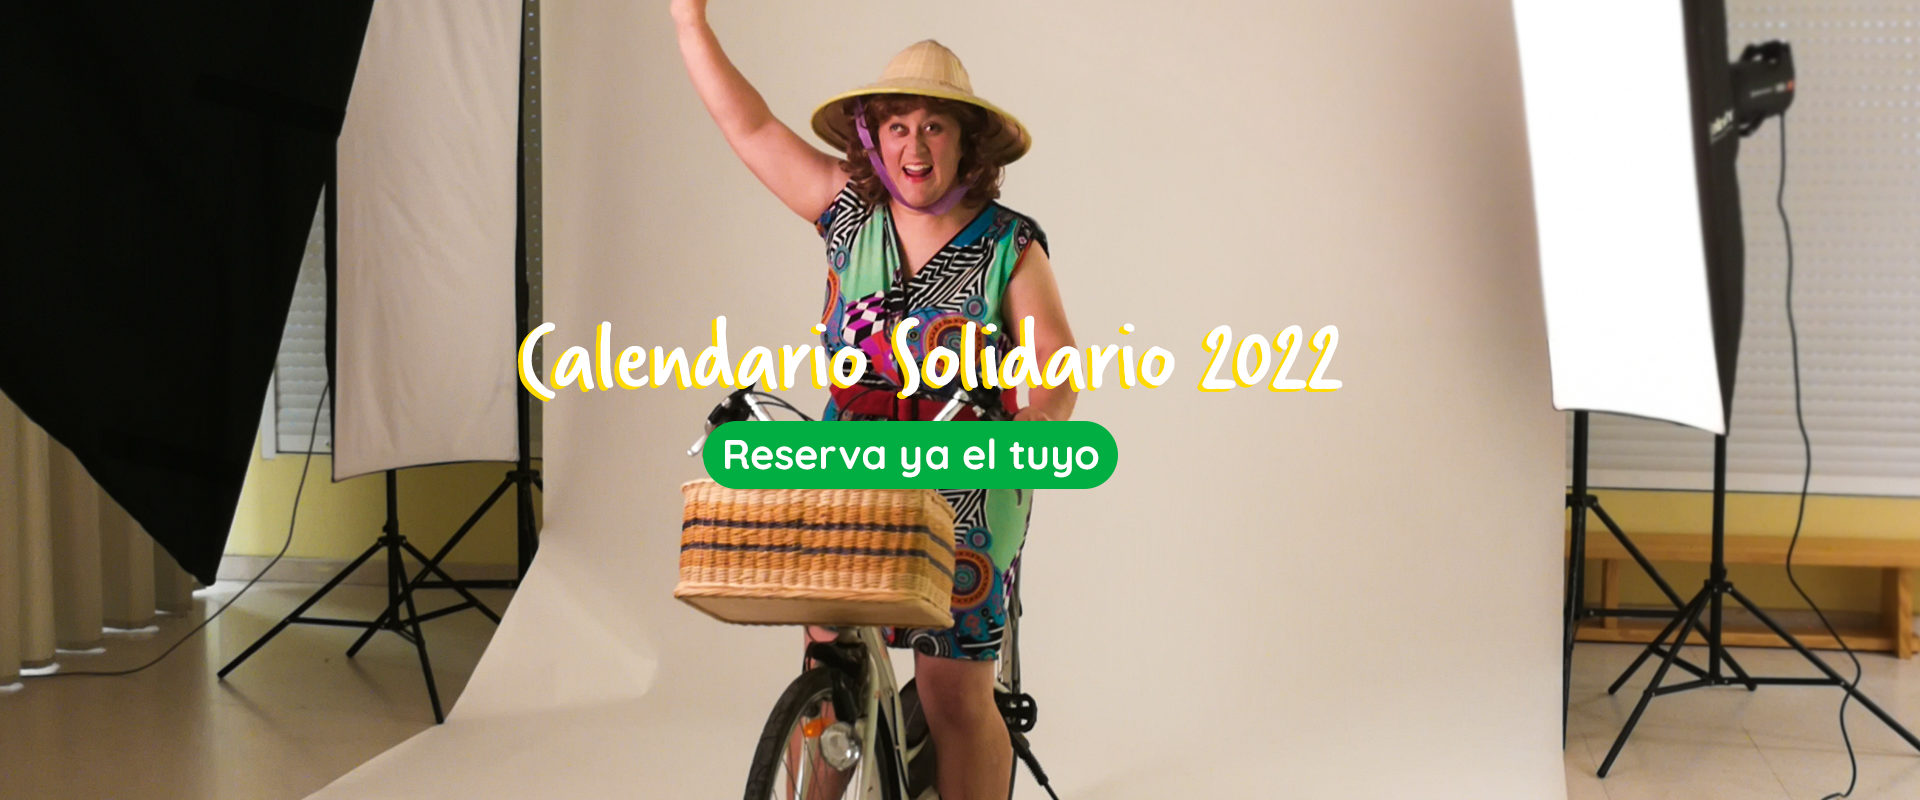 Reseva ya tu Calendario Solidario 2022. Fotografía del making of del Calendario Solidario 2019.